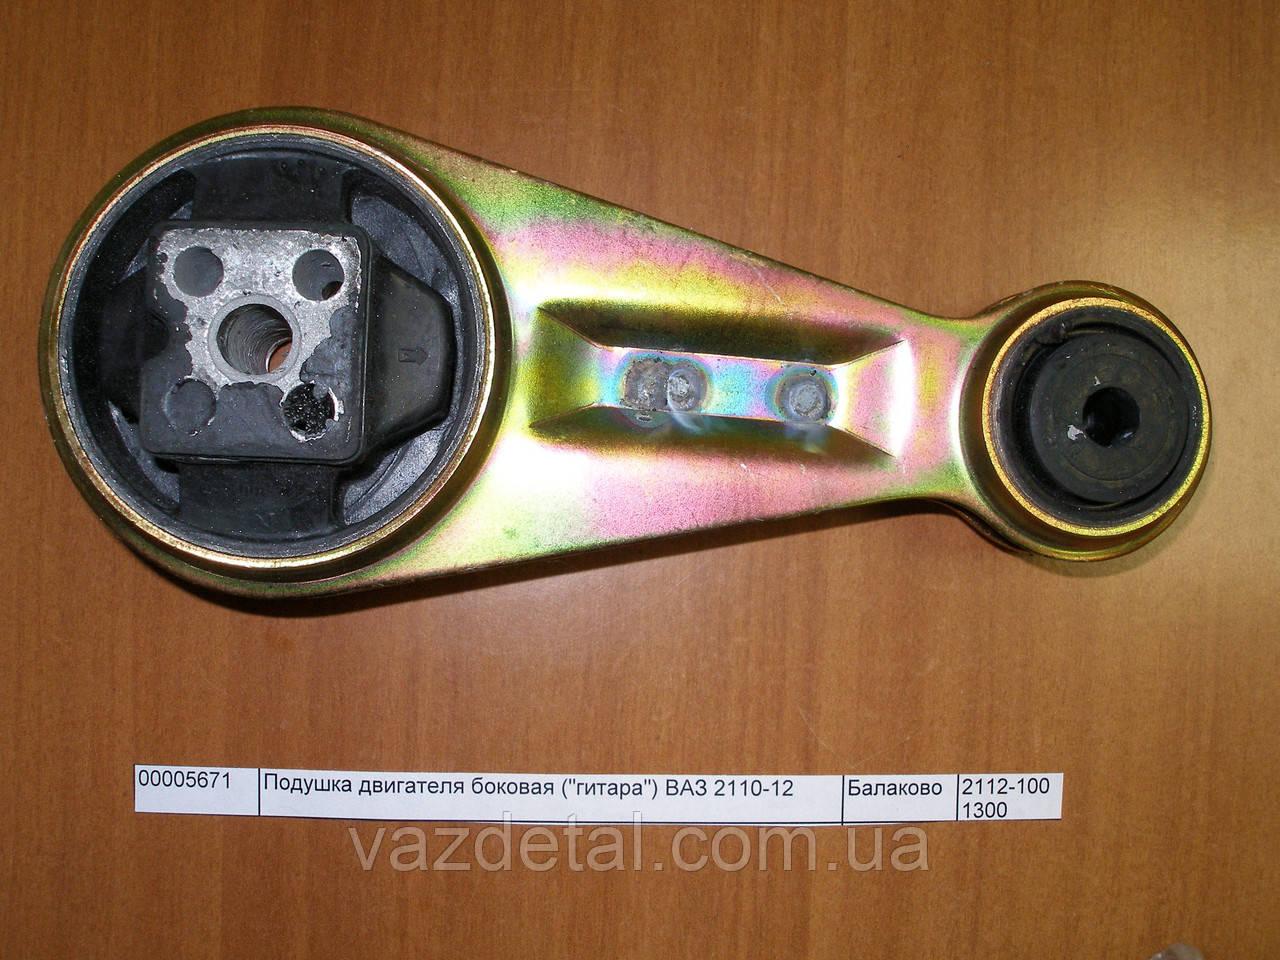 Подушка двигуна ВАЗ 2110 СБ (гітара)